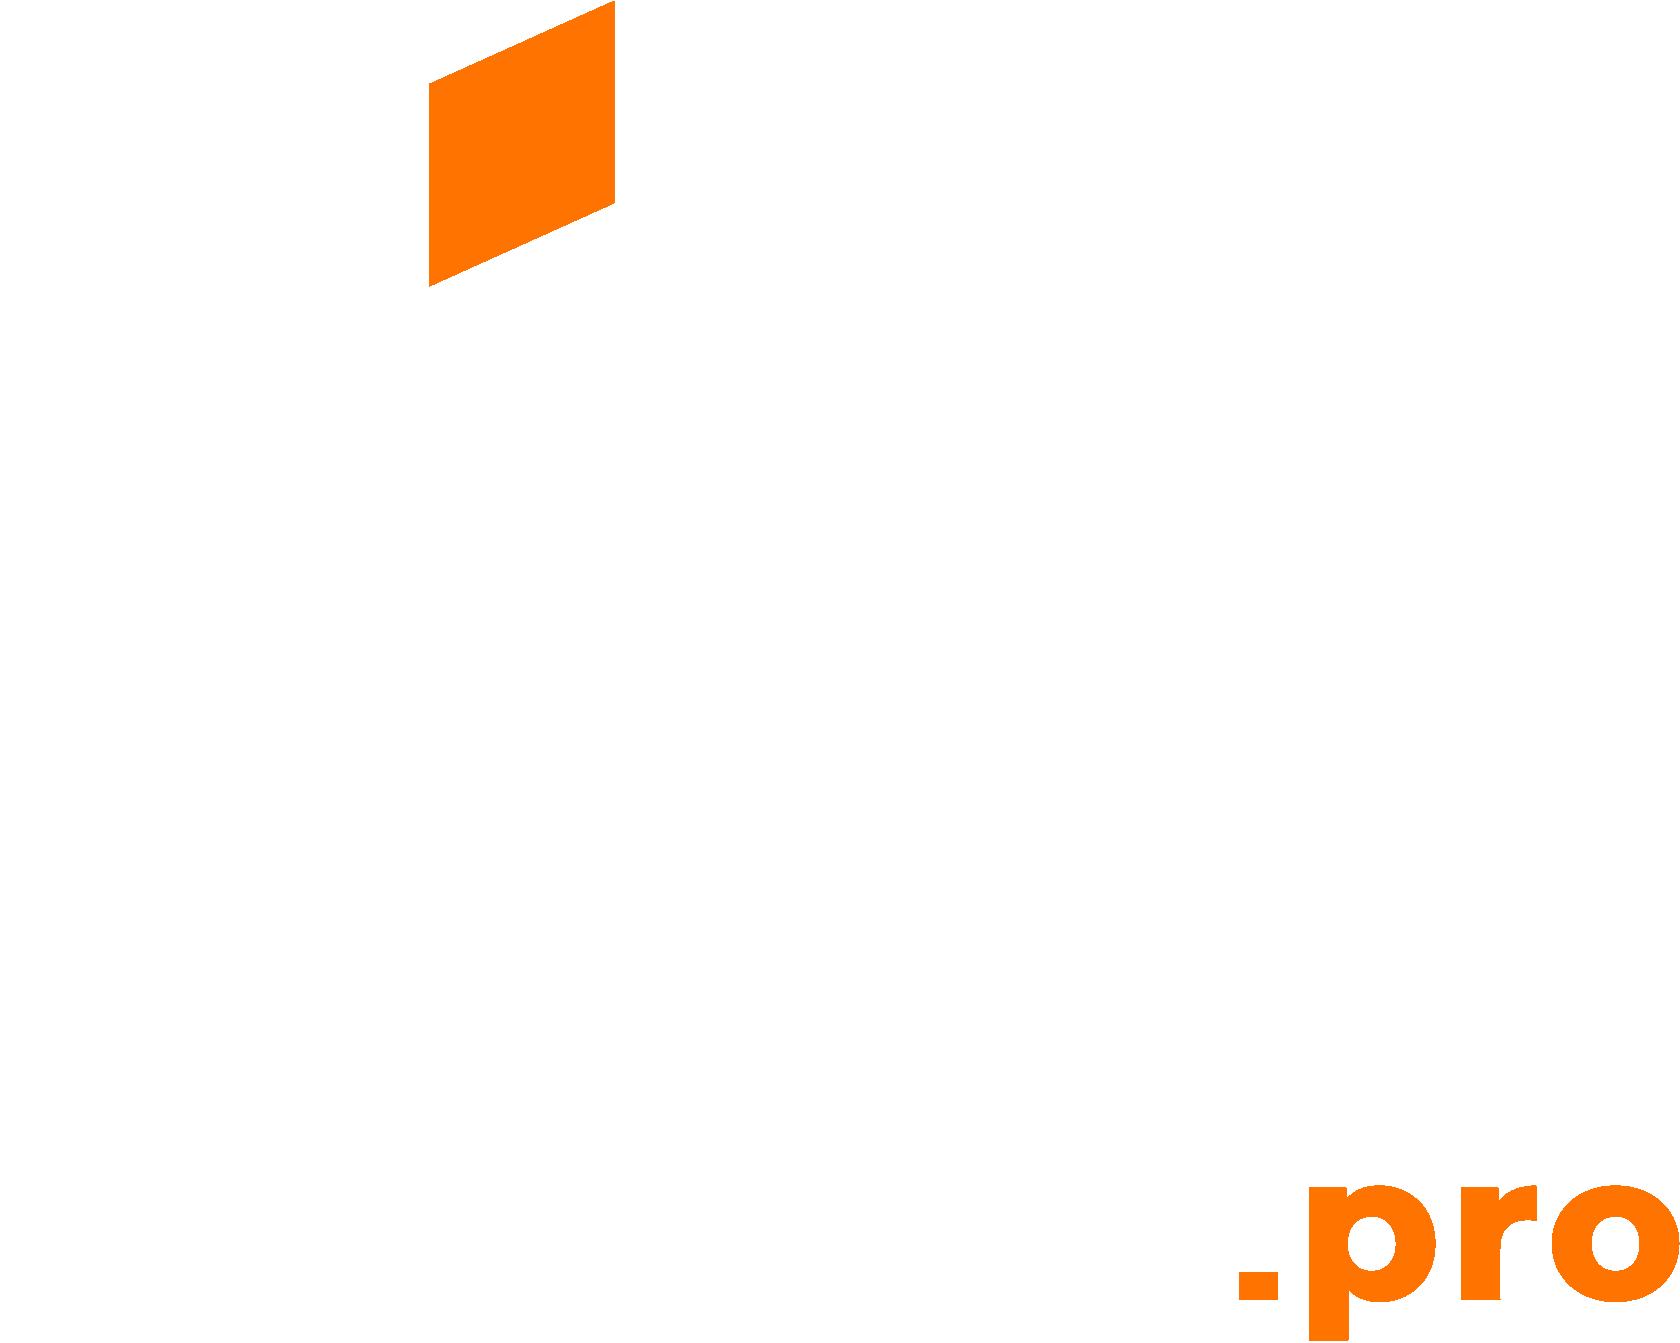 Instalyator.pro